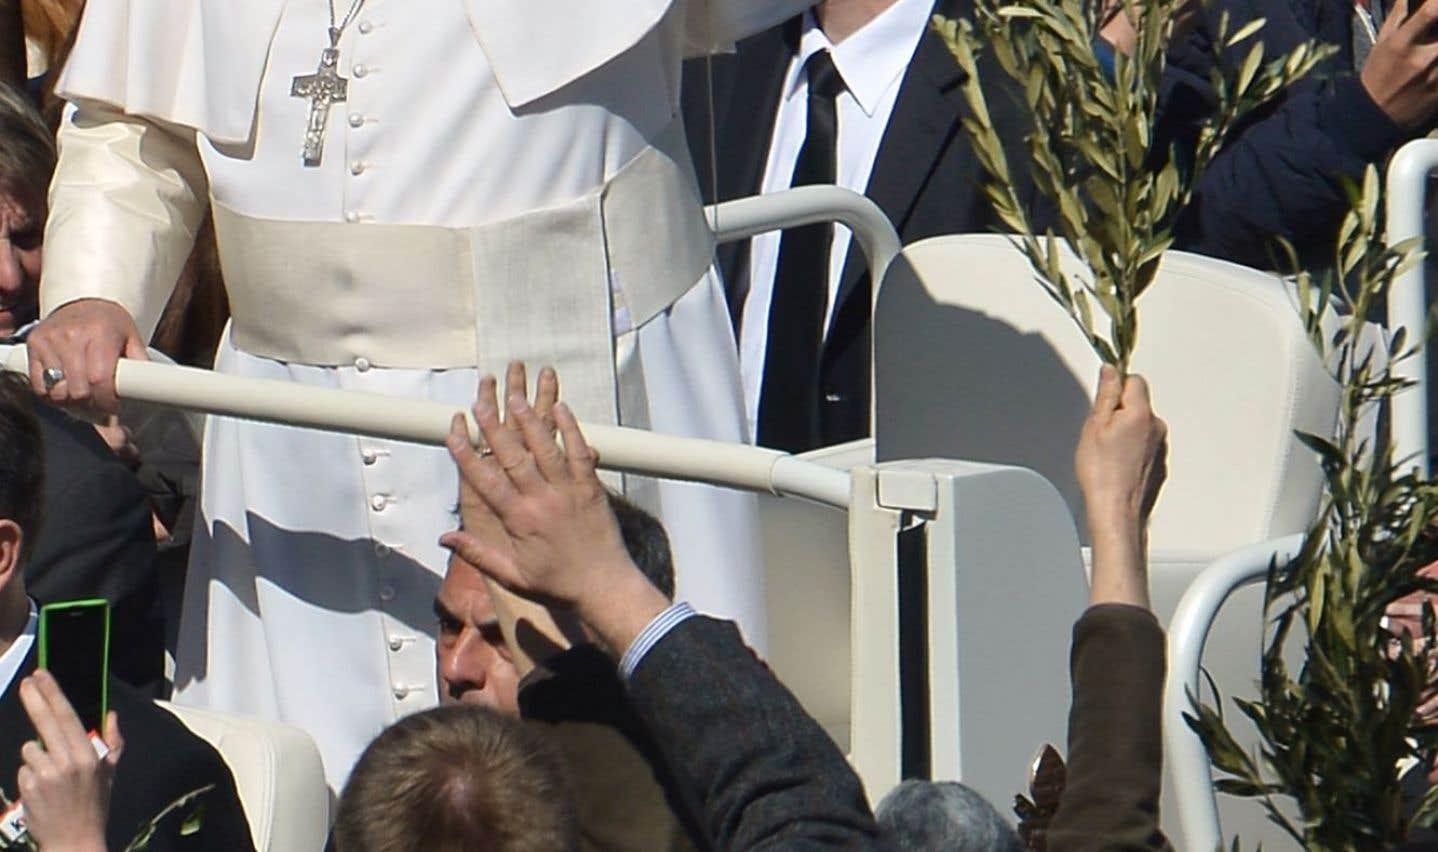 Le pape François salue la foule à la suite de la cérémonie des Rameaux, le dimanche 29mars, sur la place Saint-Pierre de Rome. À peine six mois après son élection, le pape publie un long entretien dans lequel il ouvre notamment la porte aux homosexuels, aux divorcés et aux femmes ayant avorté. Selon lui, l'Église n'a pas à porter un jugement. Les prêtres doivent être accueillants, capables avant tout de «soigner les plaies et réchauffer les cœurs des fidèles», et non ressembler à des fonctionnaires dogmatiques enfermés dans des confessionnaux qui ressemblent parfois à des «salles de torture».